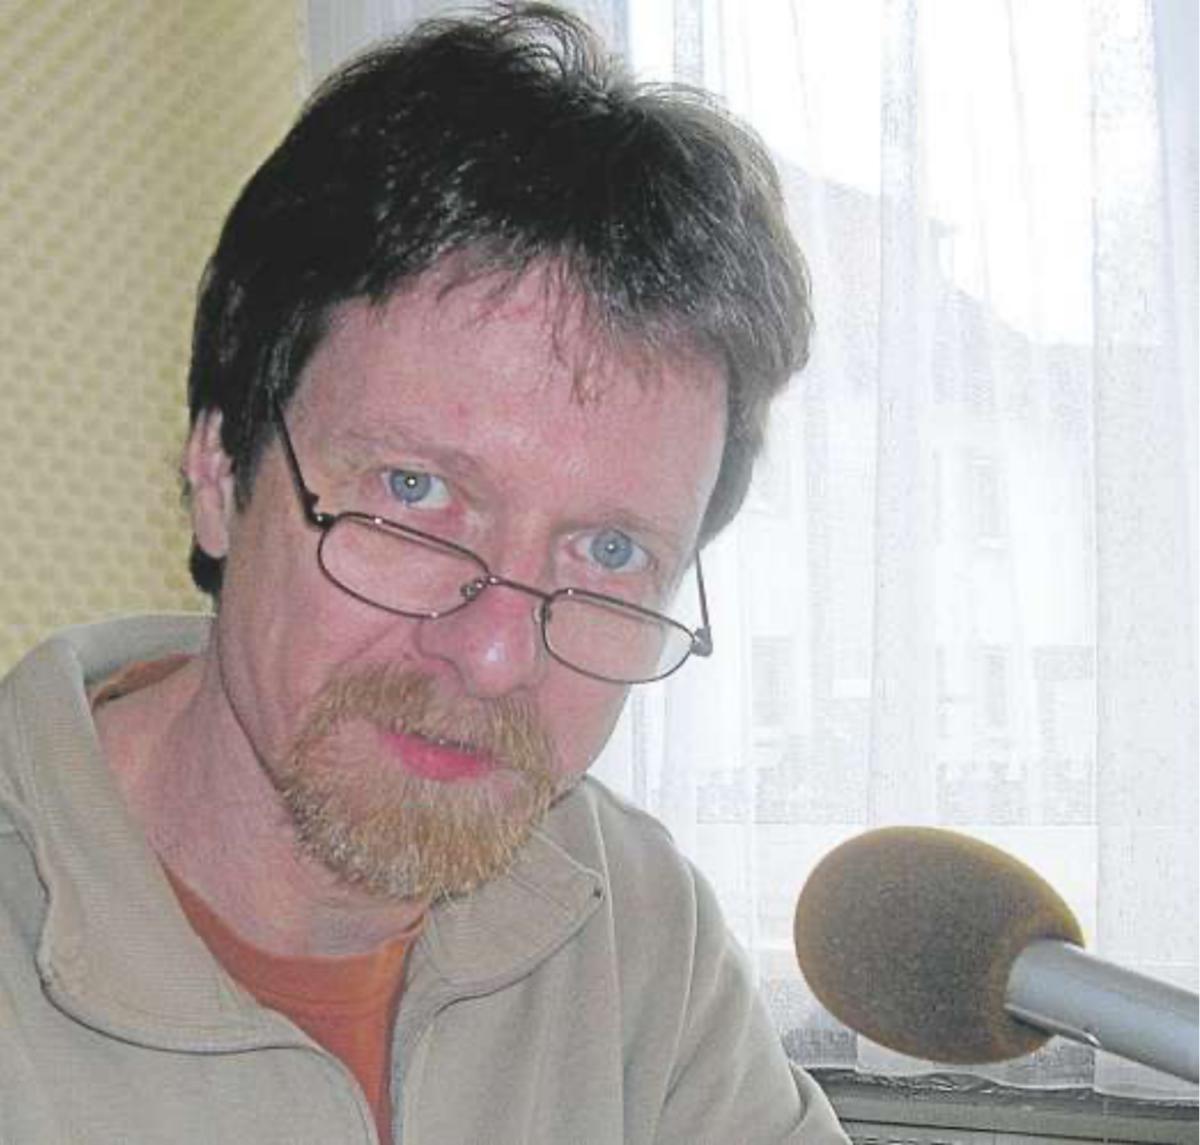 Ein Portraitfoto zeigt Hermann Dremel neben einem Mikrofon. Hermann schaut über den Rand seiner Lesebrille in die Kamera, Foto: atz Hörmedien.